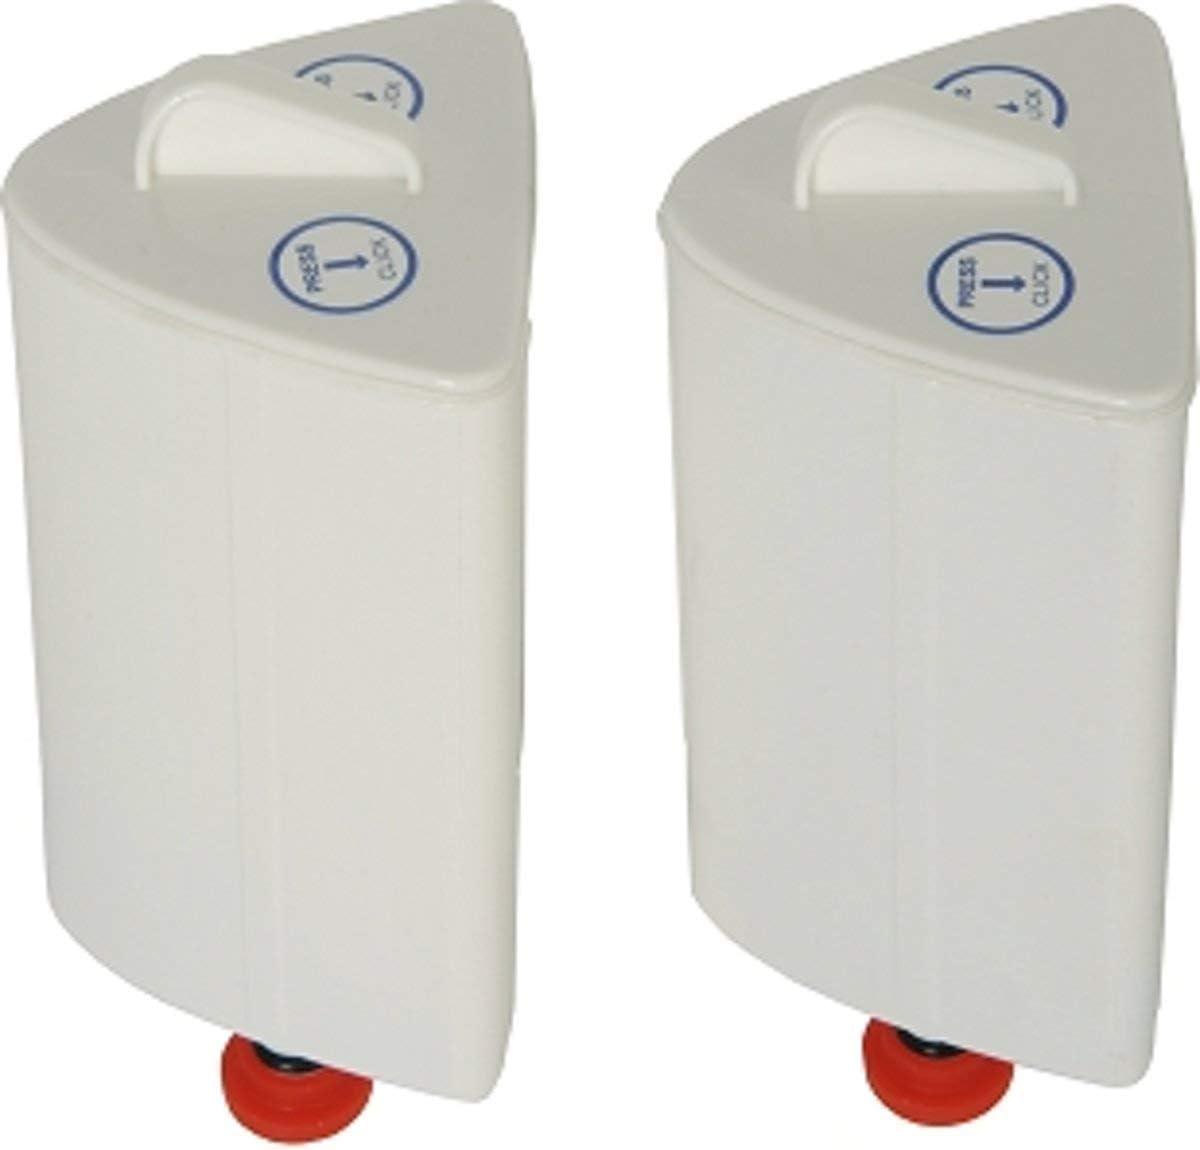 Tefal Moulinex XD9030E0 - Cartucho antical para centros de planchado, adecuado para el generador de vapor Purely und Simply SV50, Paquete de 2